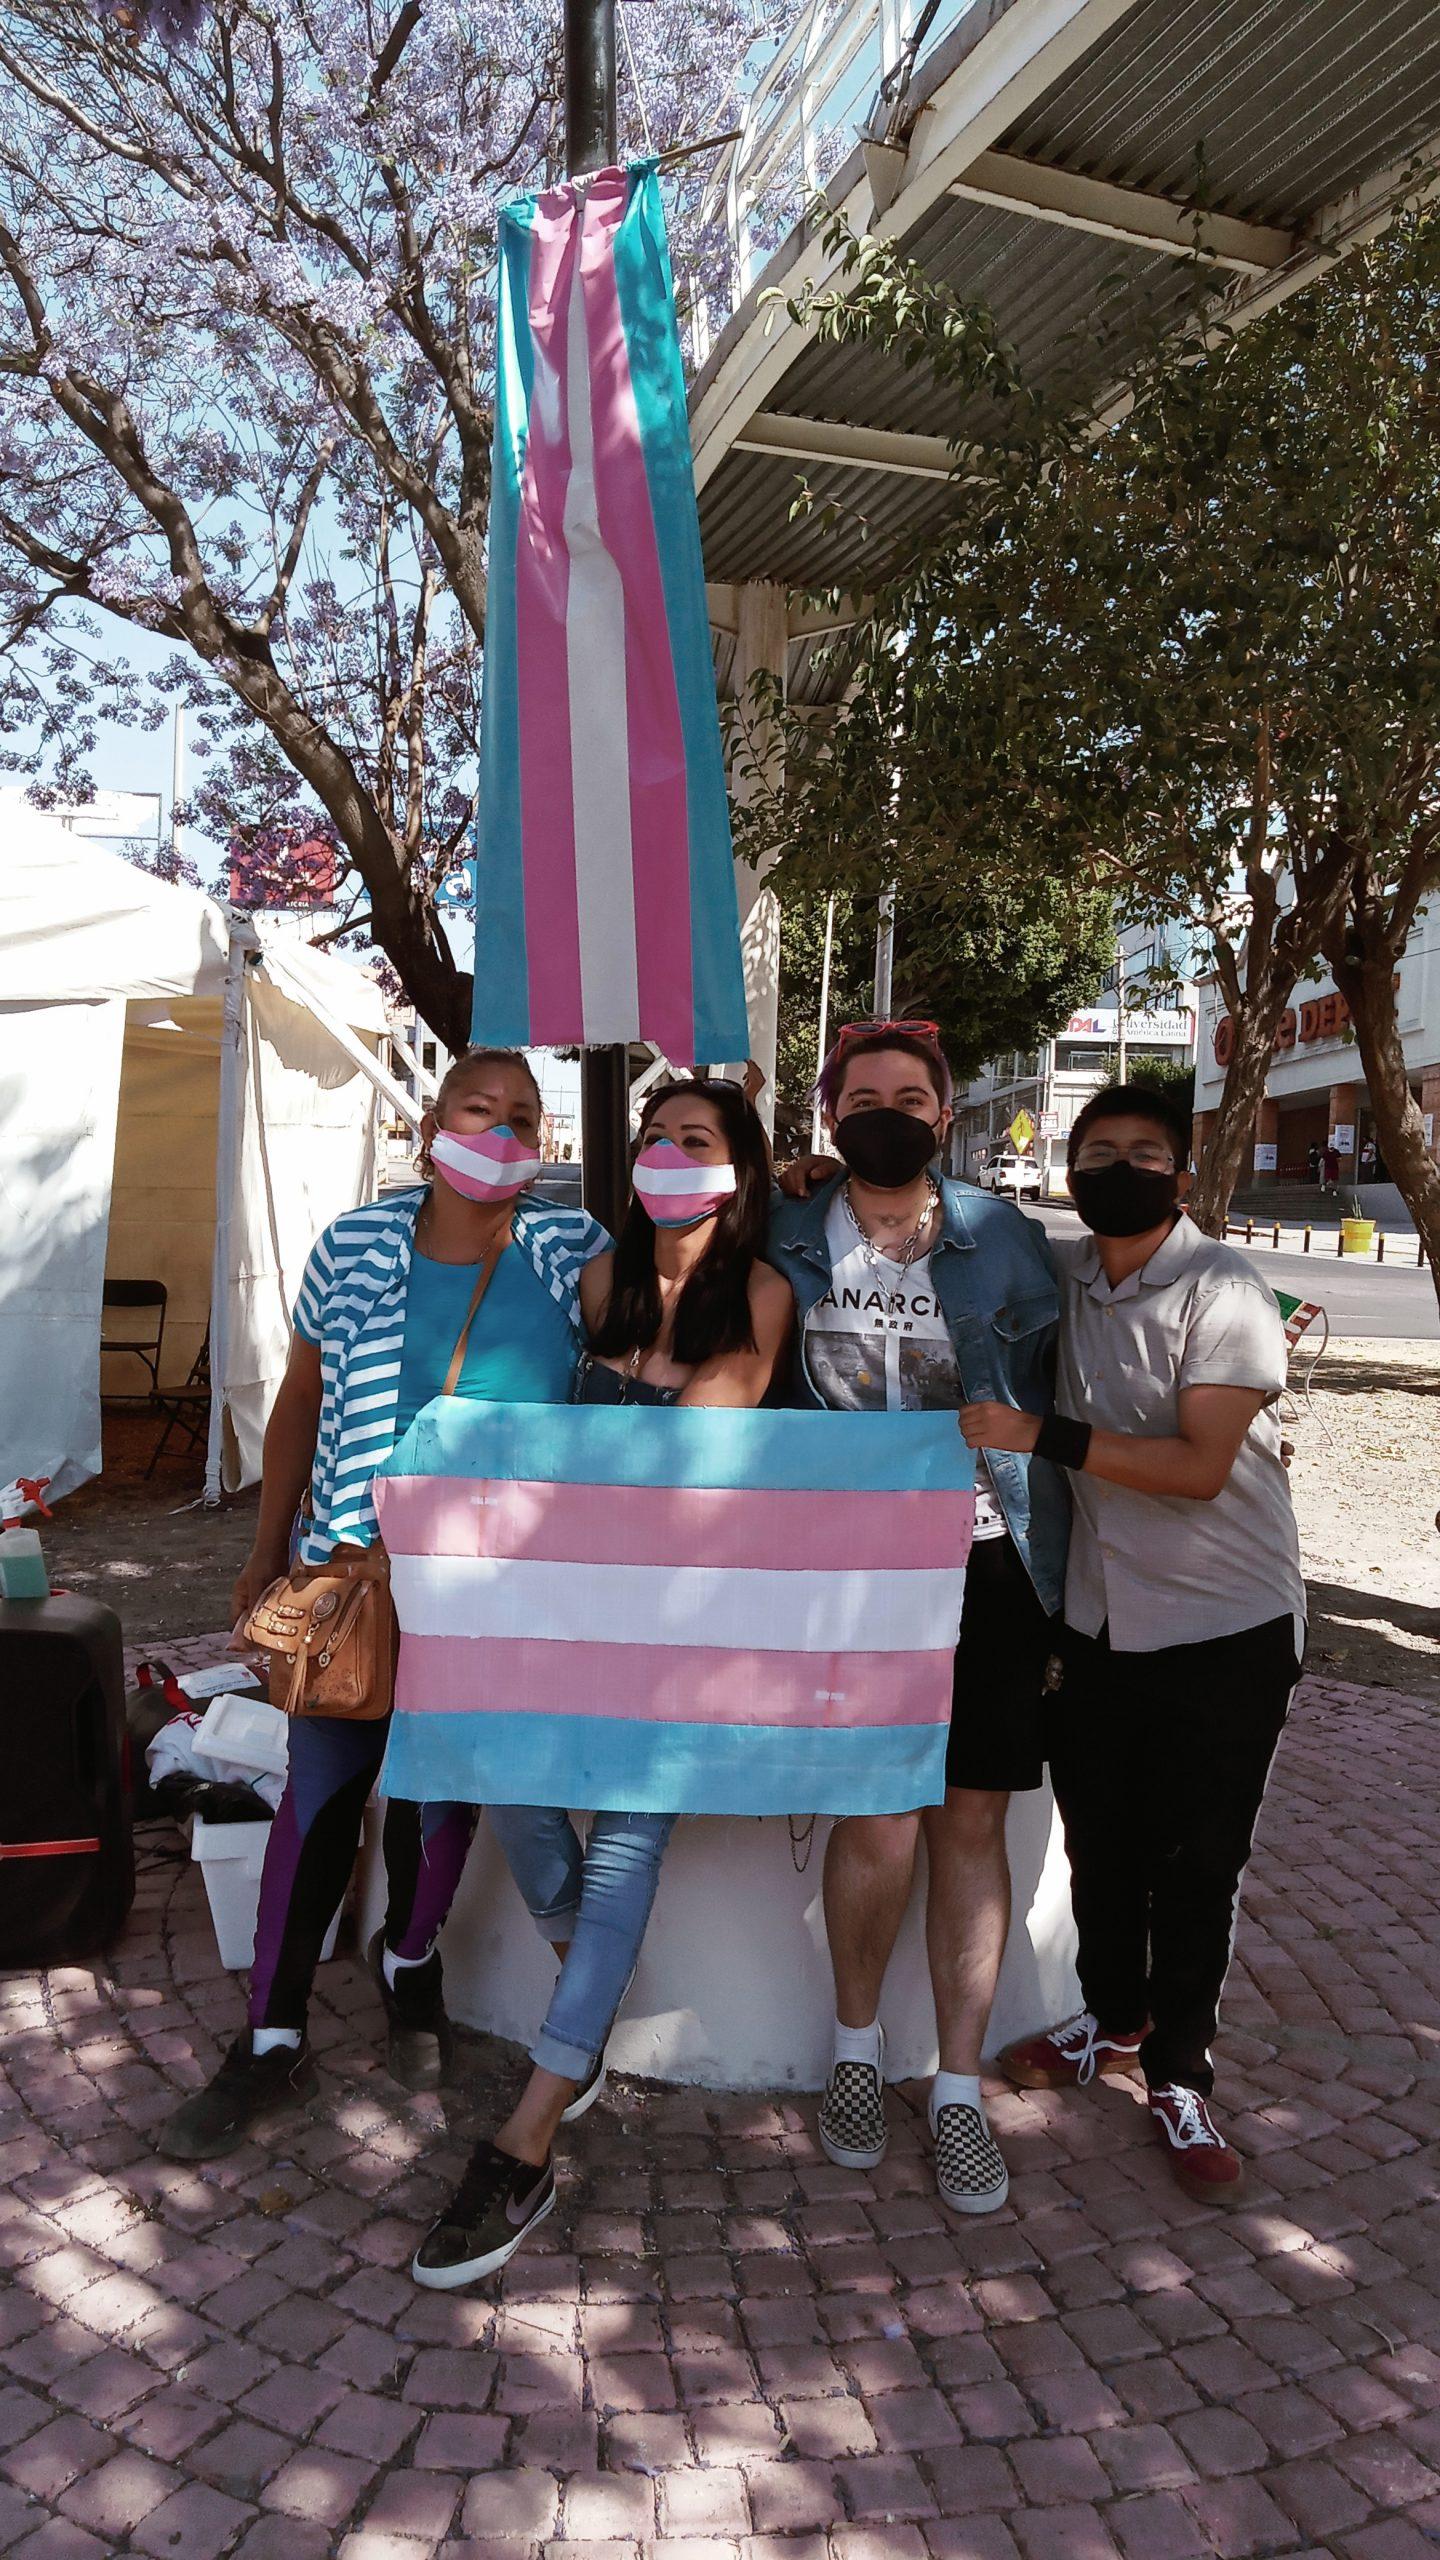 Continúan la batalla por visibilizar a la comunidad Trans en Puebla